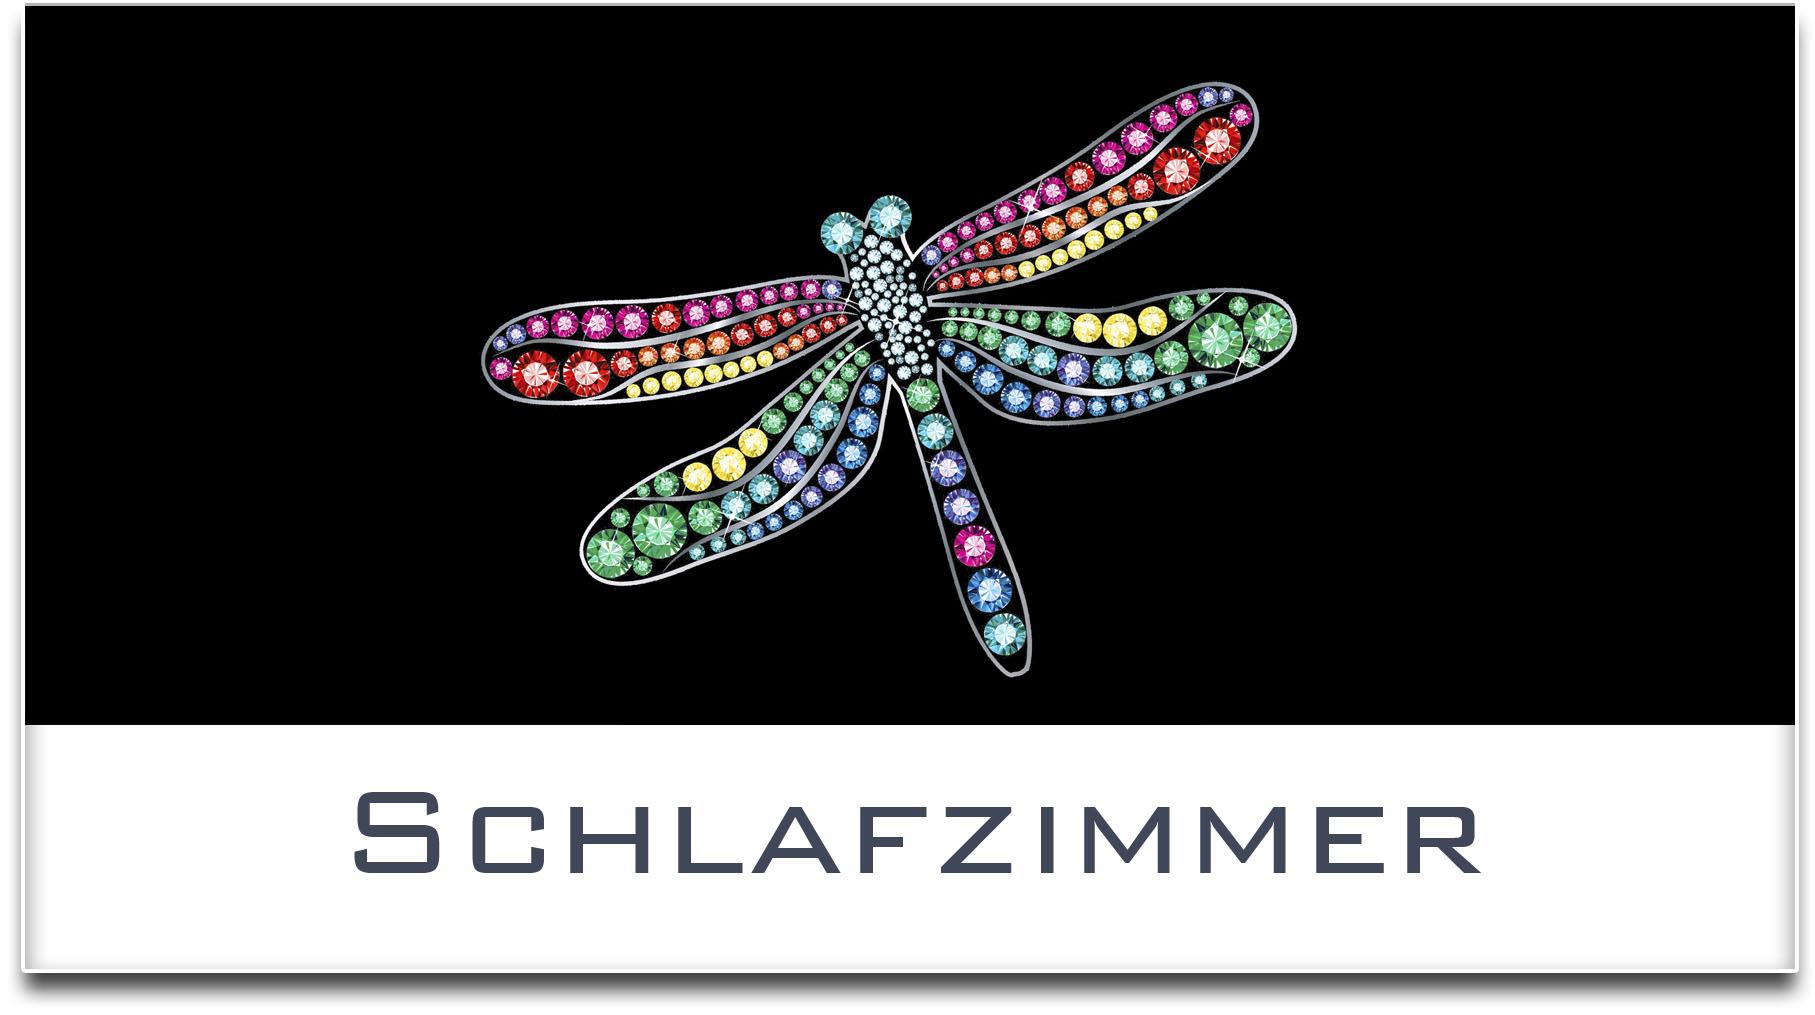 Türschild / Haustürschild / Libelle / Schlafzimmer / Selbstklebend